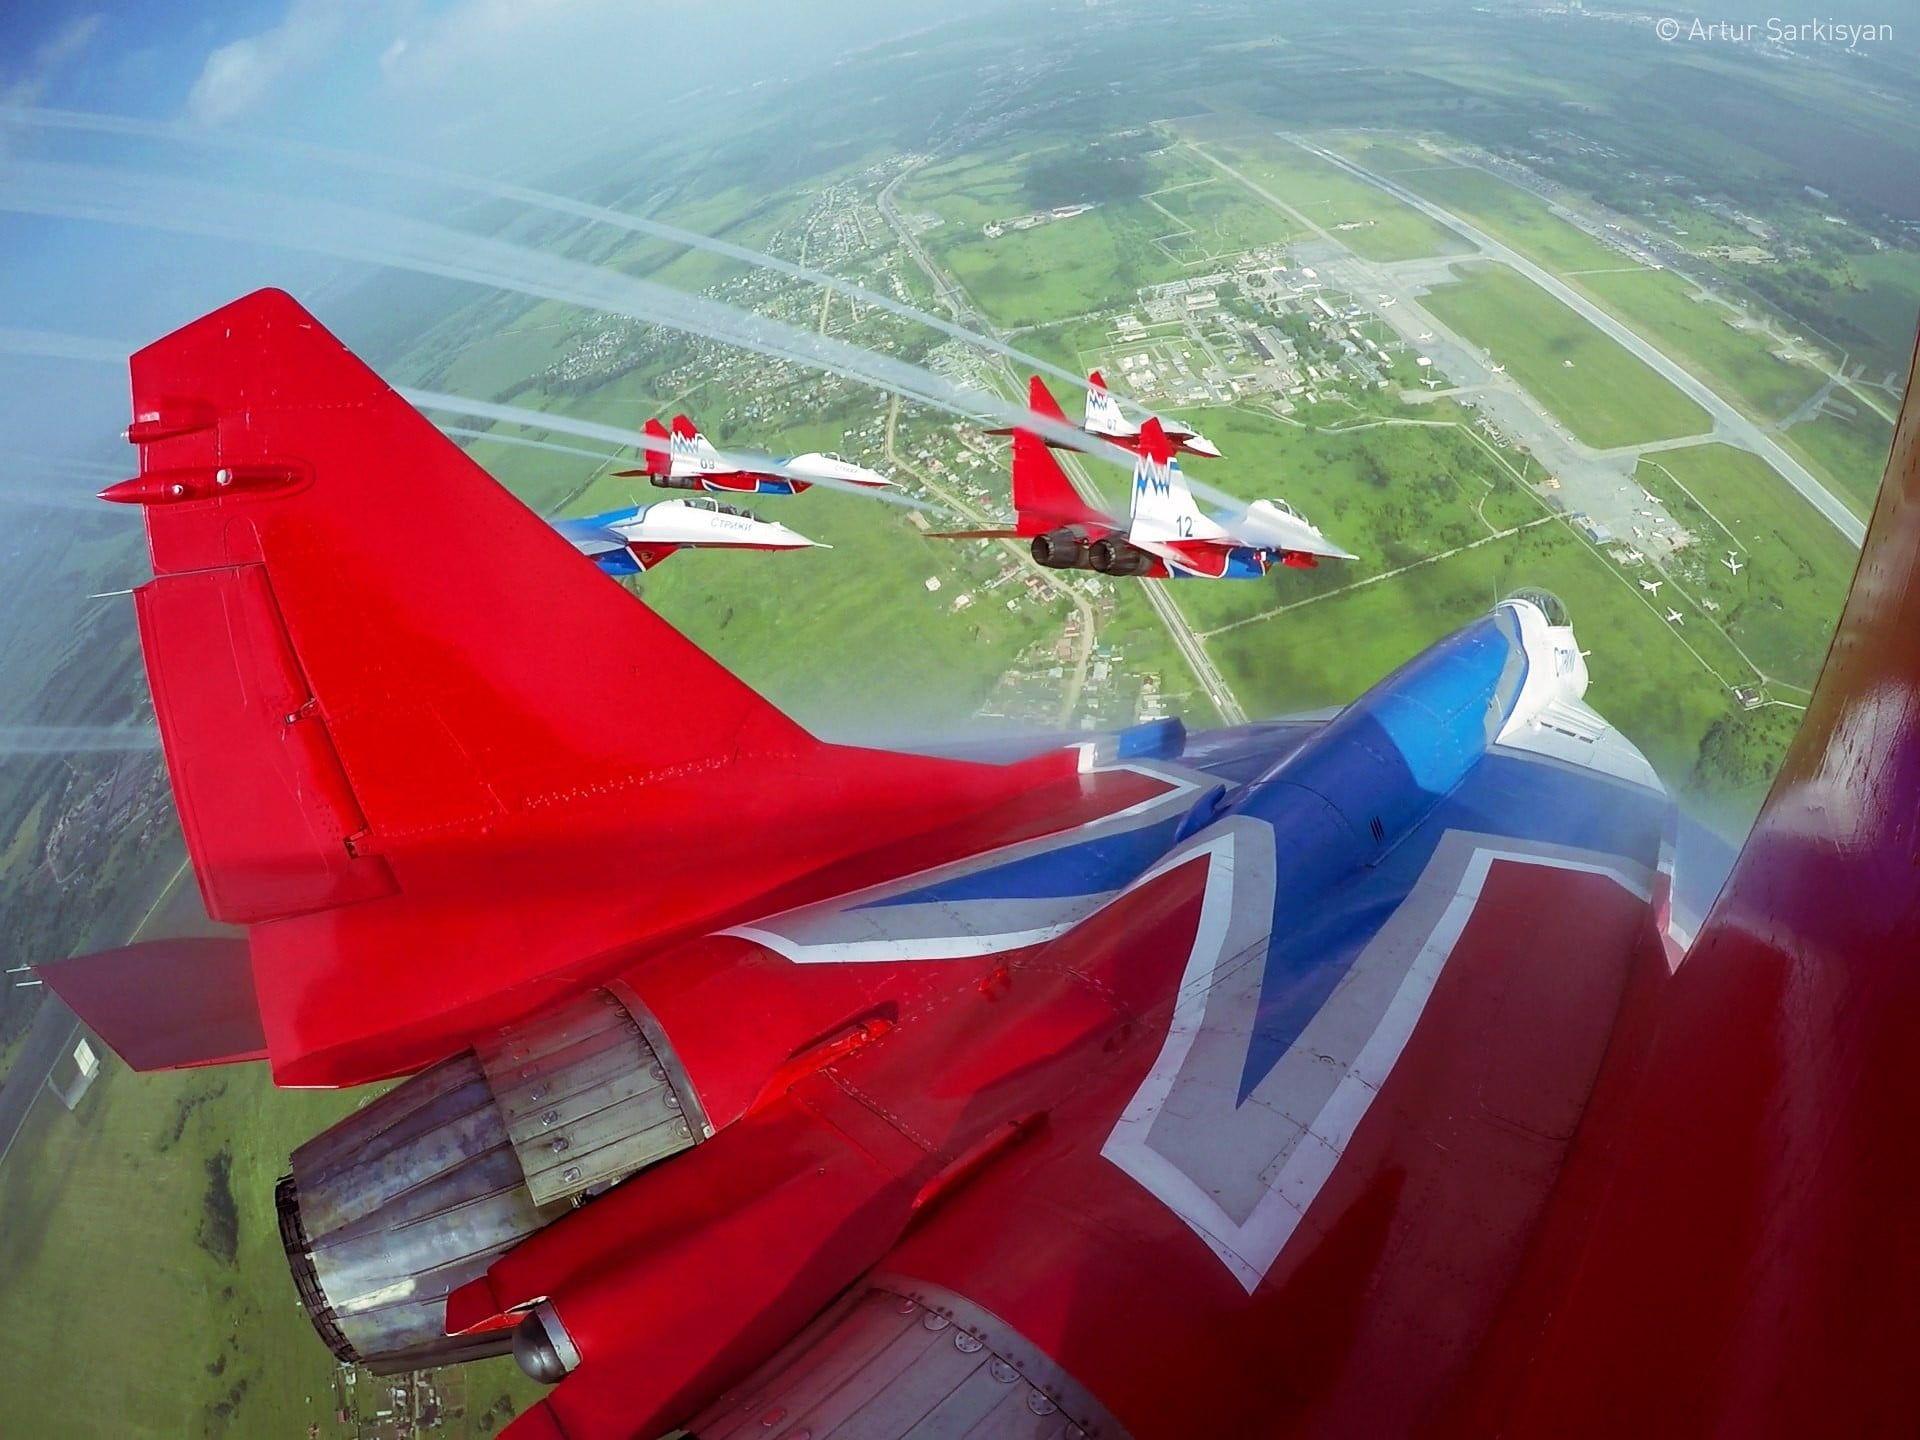 Mig 29 Mikoan Mig 29 Aerobatic Team 1080p Wallpaper Hdwallpaper Desktop Wallpaper Hd Wallpaper Imac Desktop 29 full hd wallpaper hd